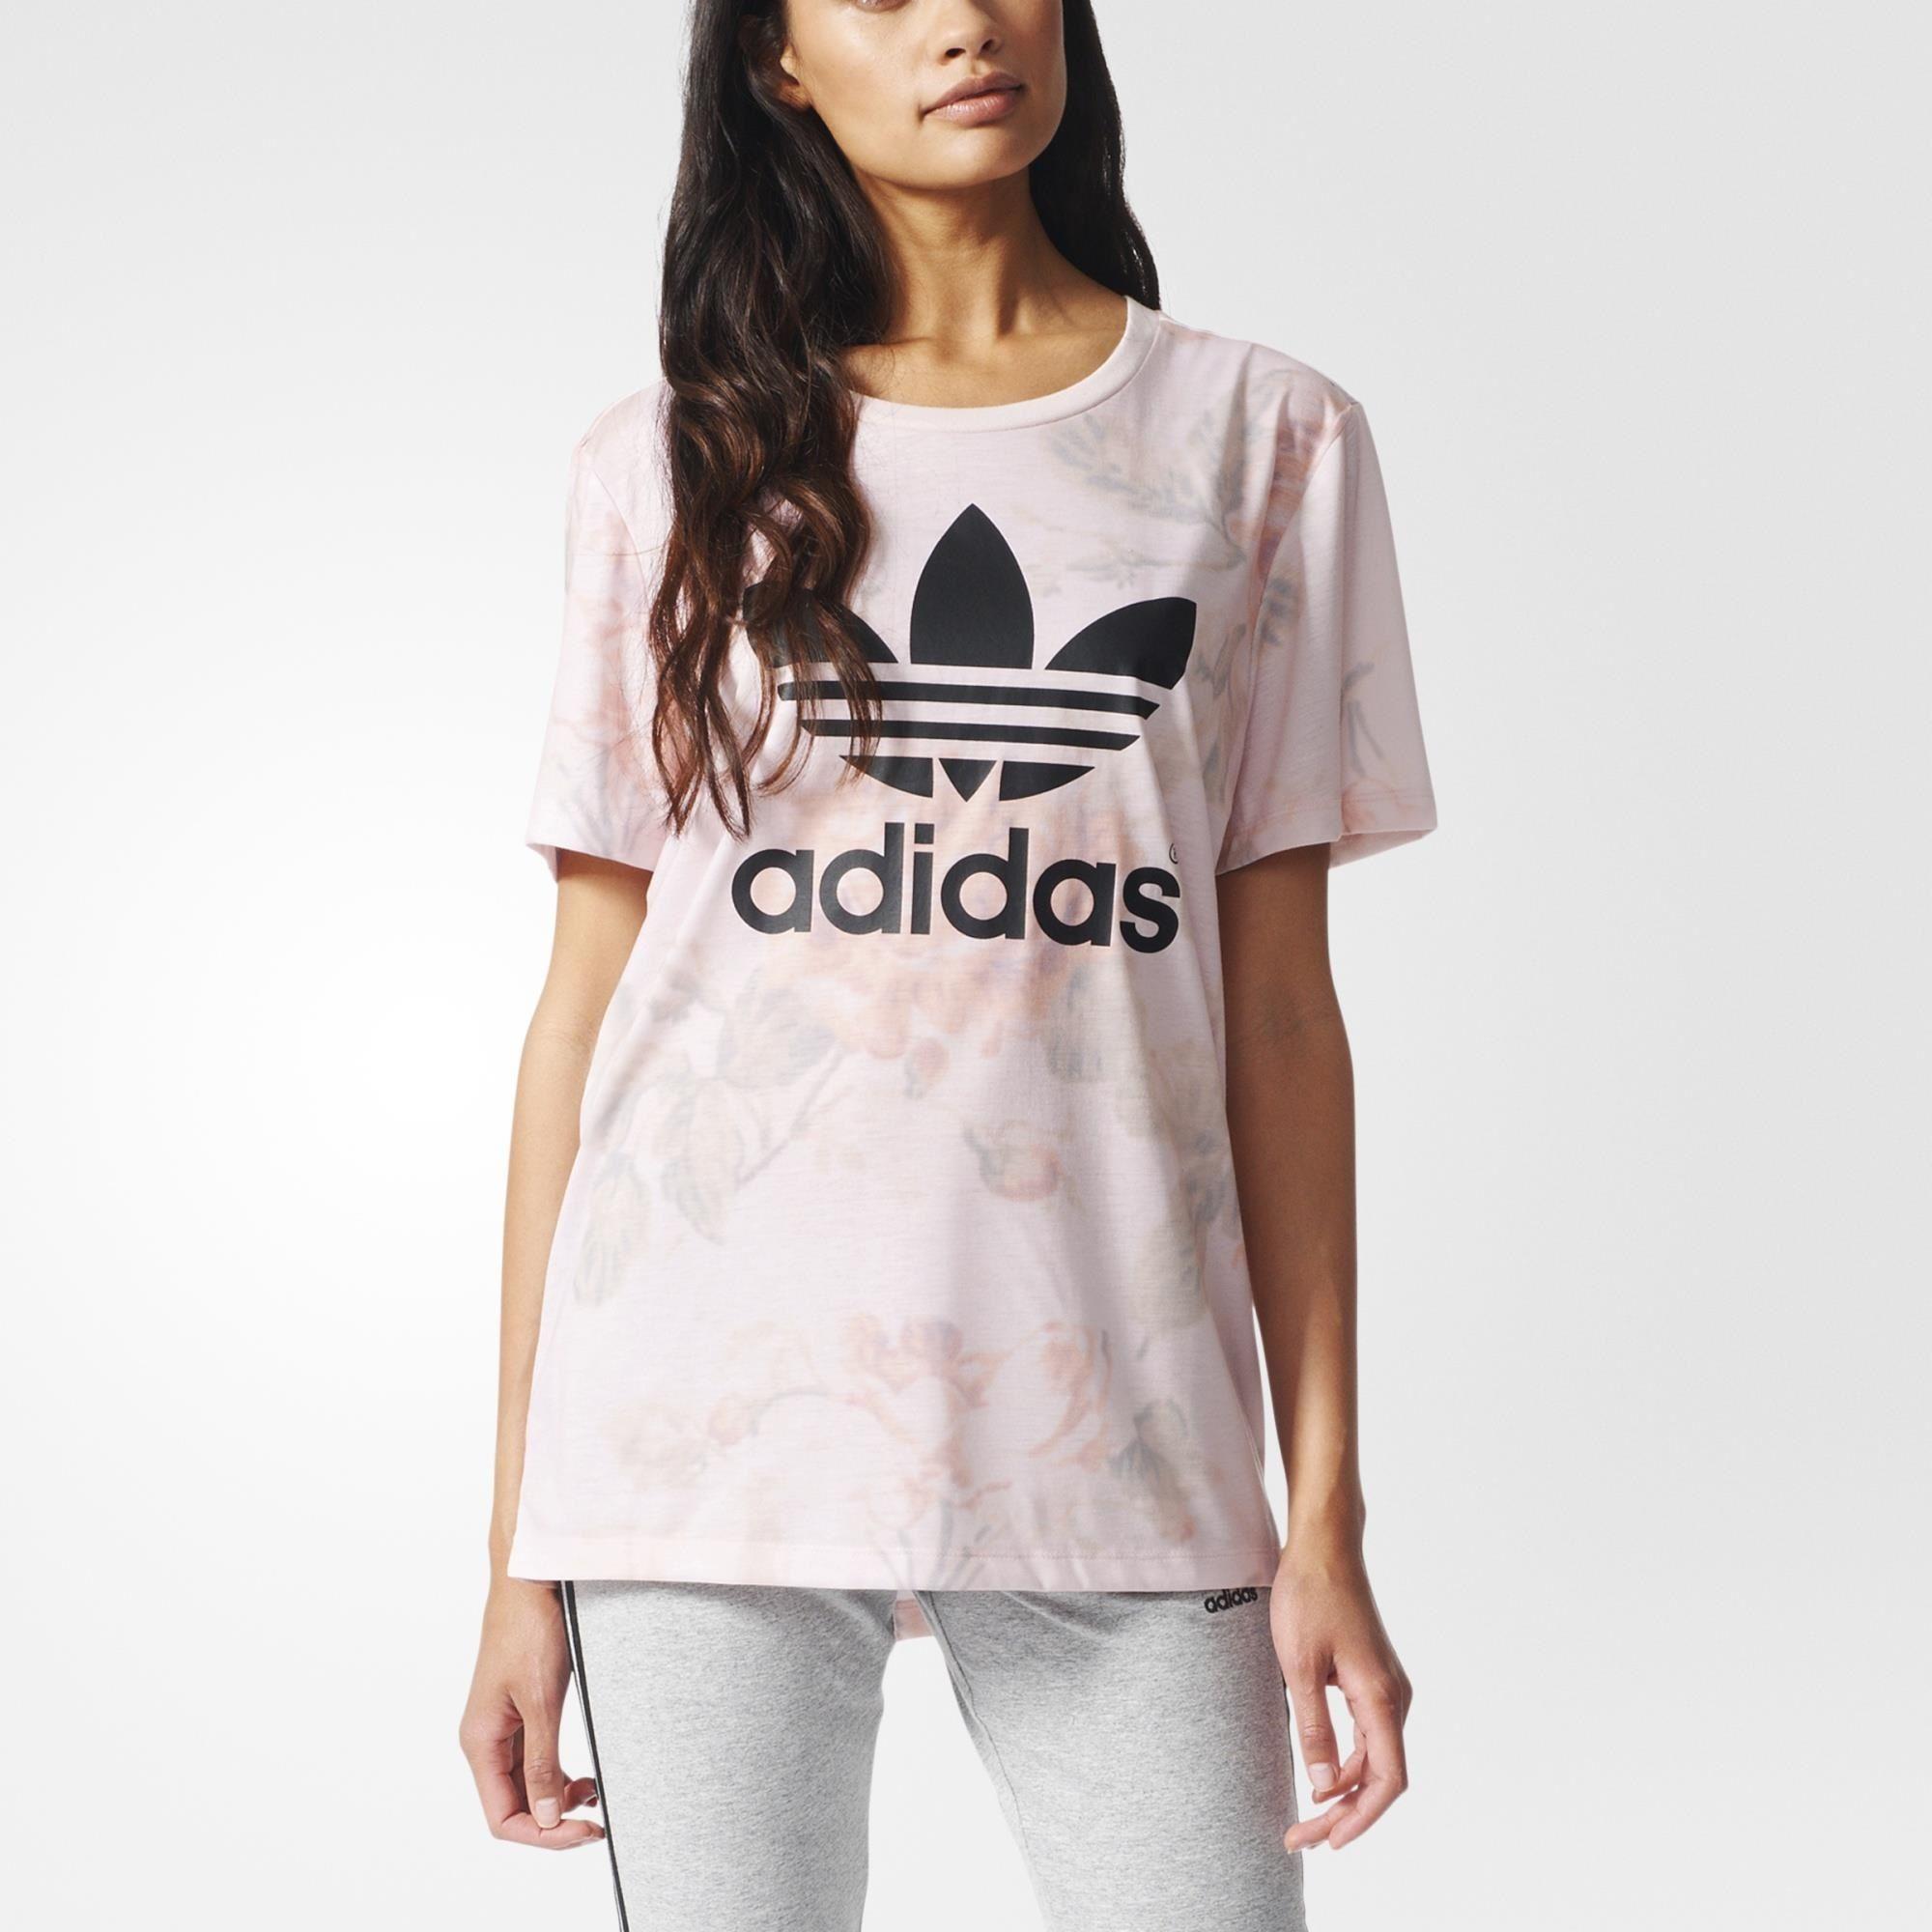 adidas pastel rose tank top